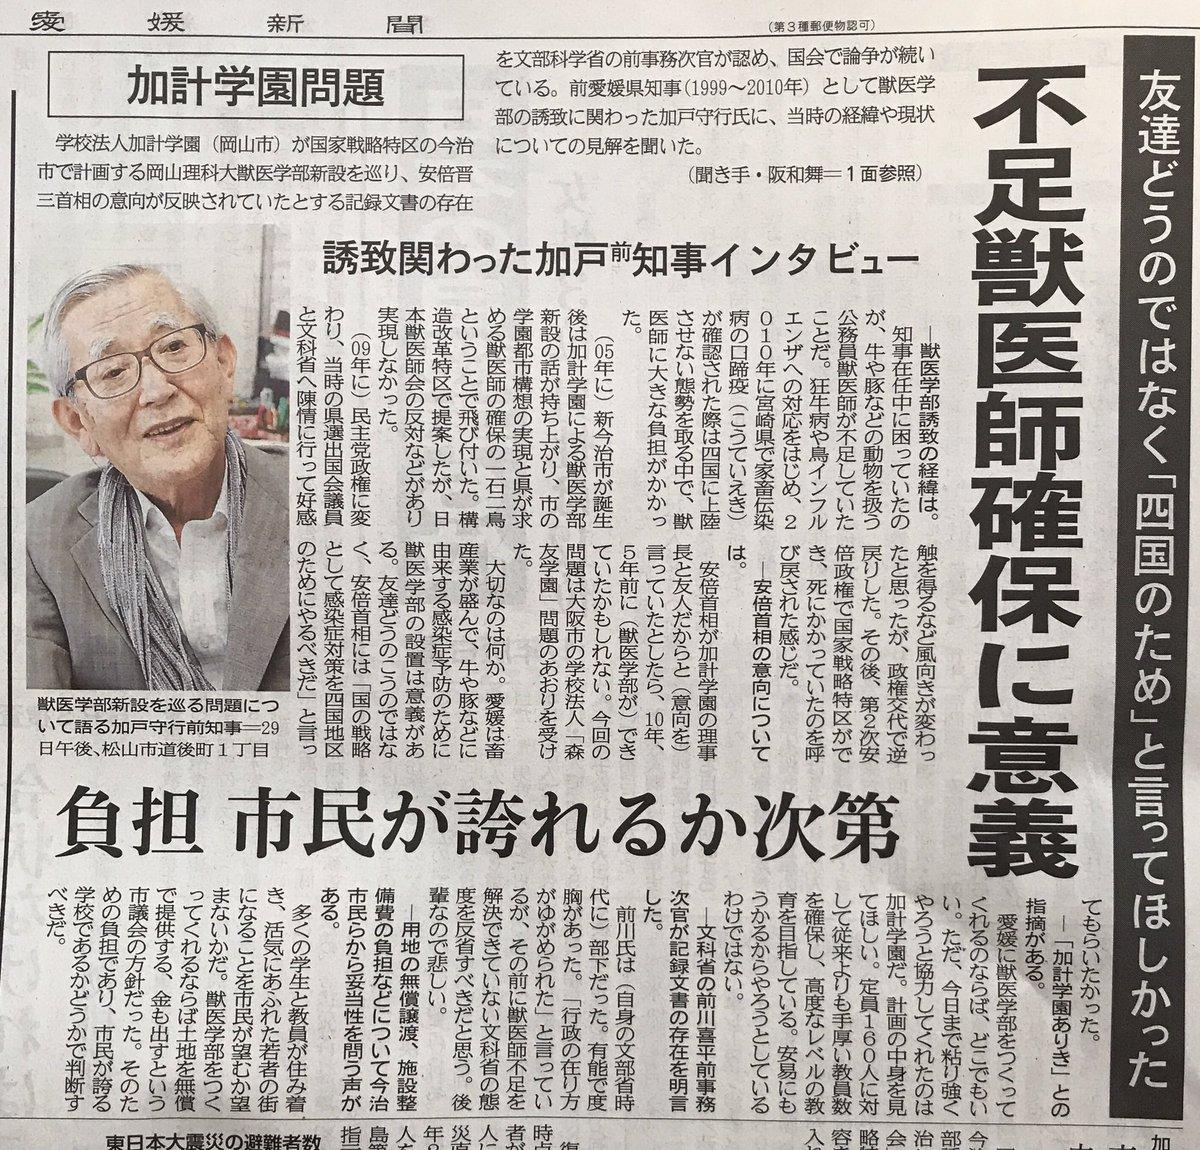 愛媛新聞加戸前知事インタビュー